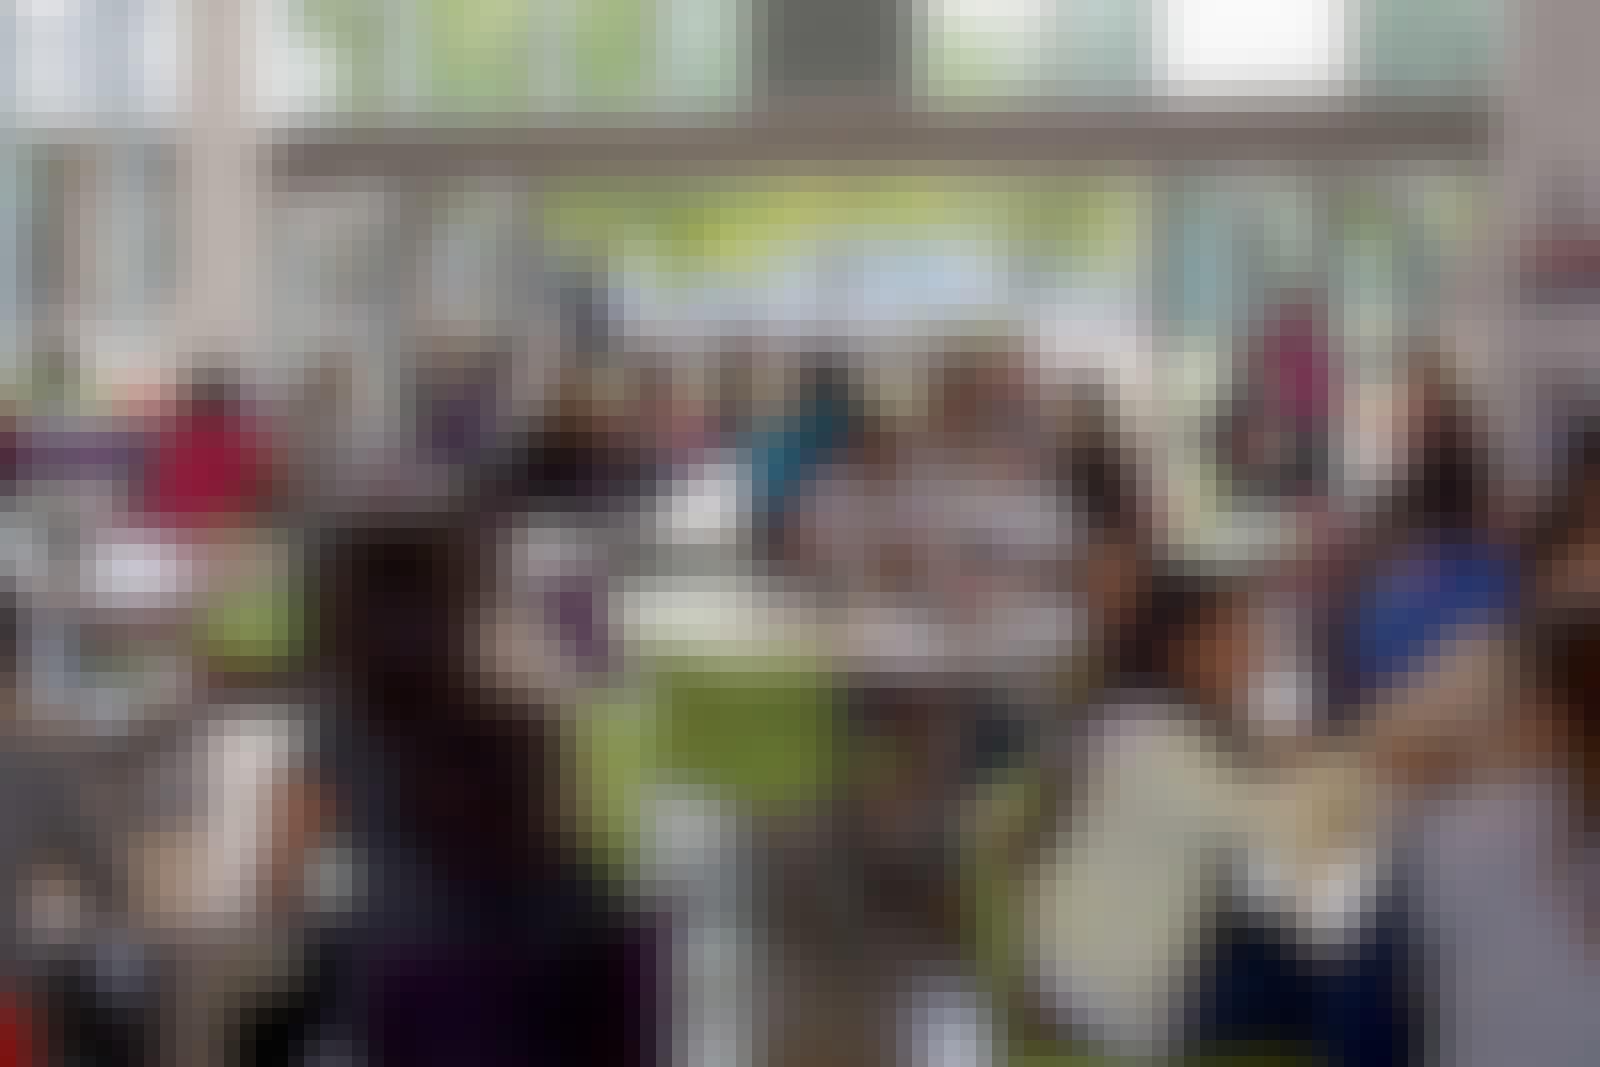 Biophilic-design-in-school-cafeteria